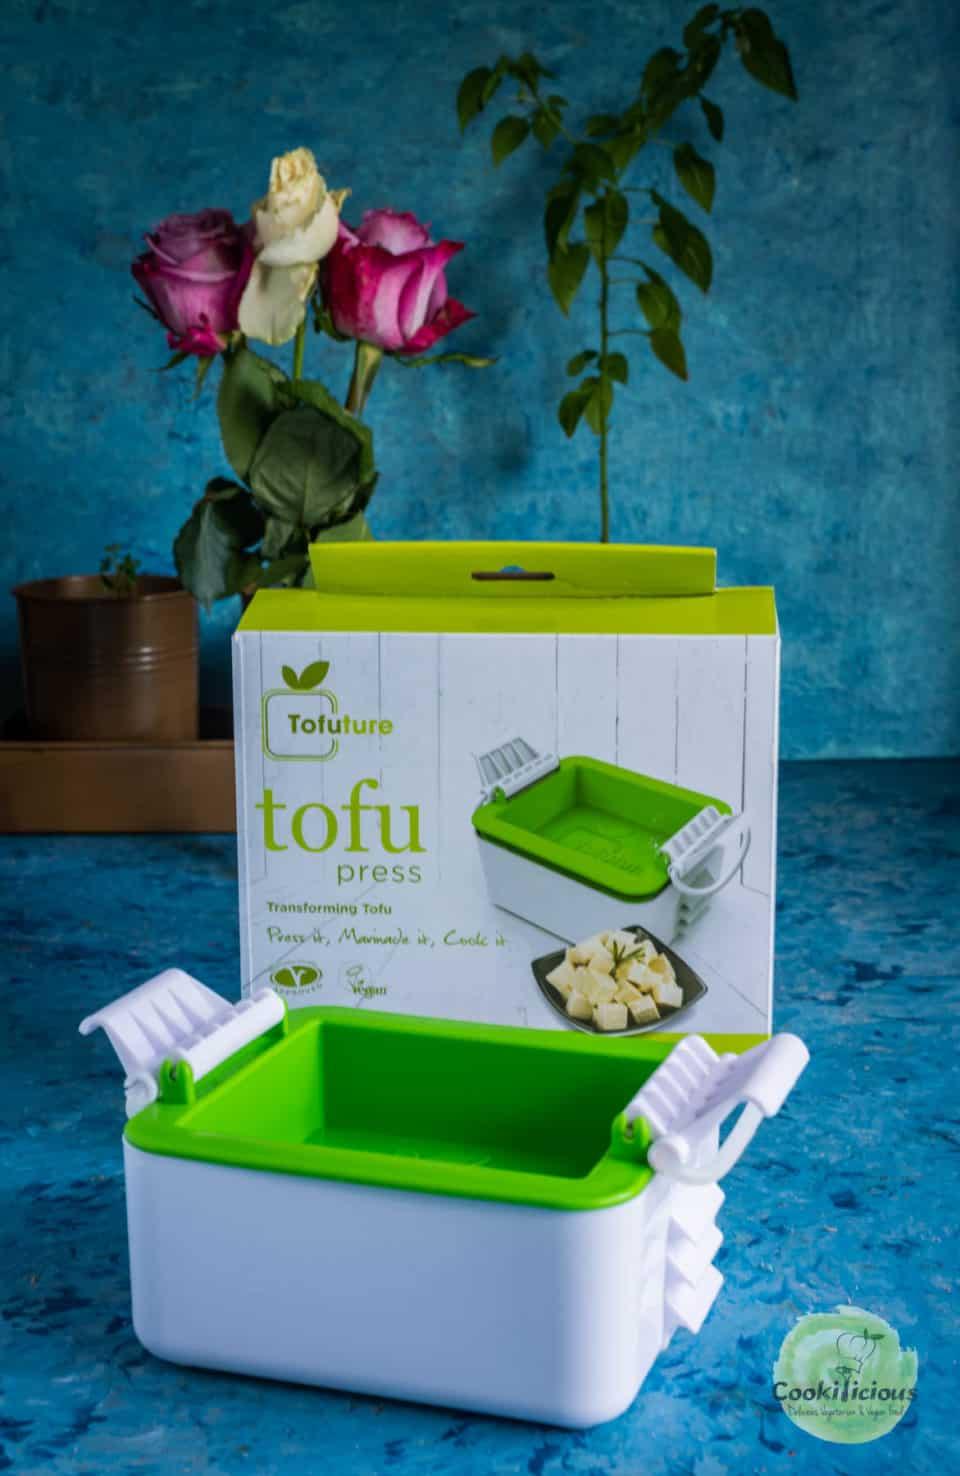 image of tofuture tofu press